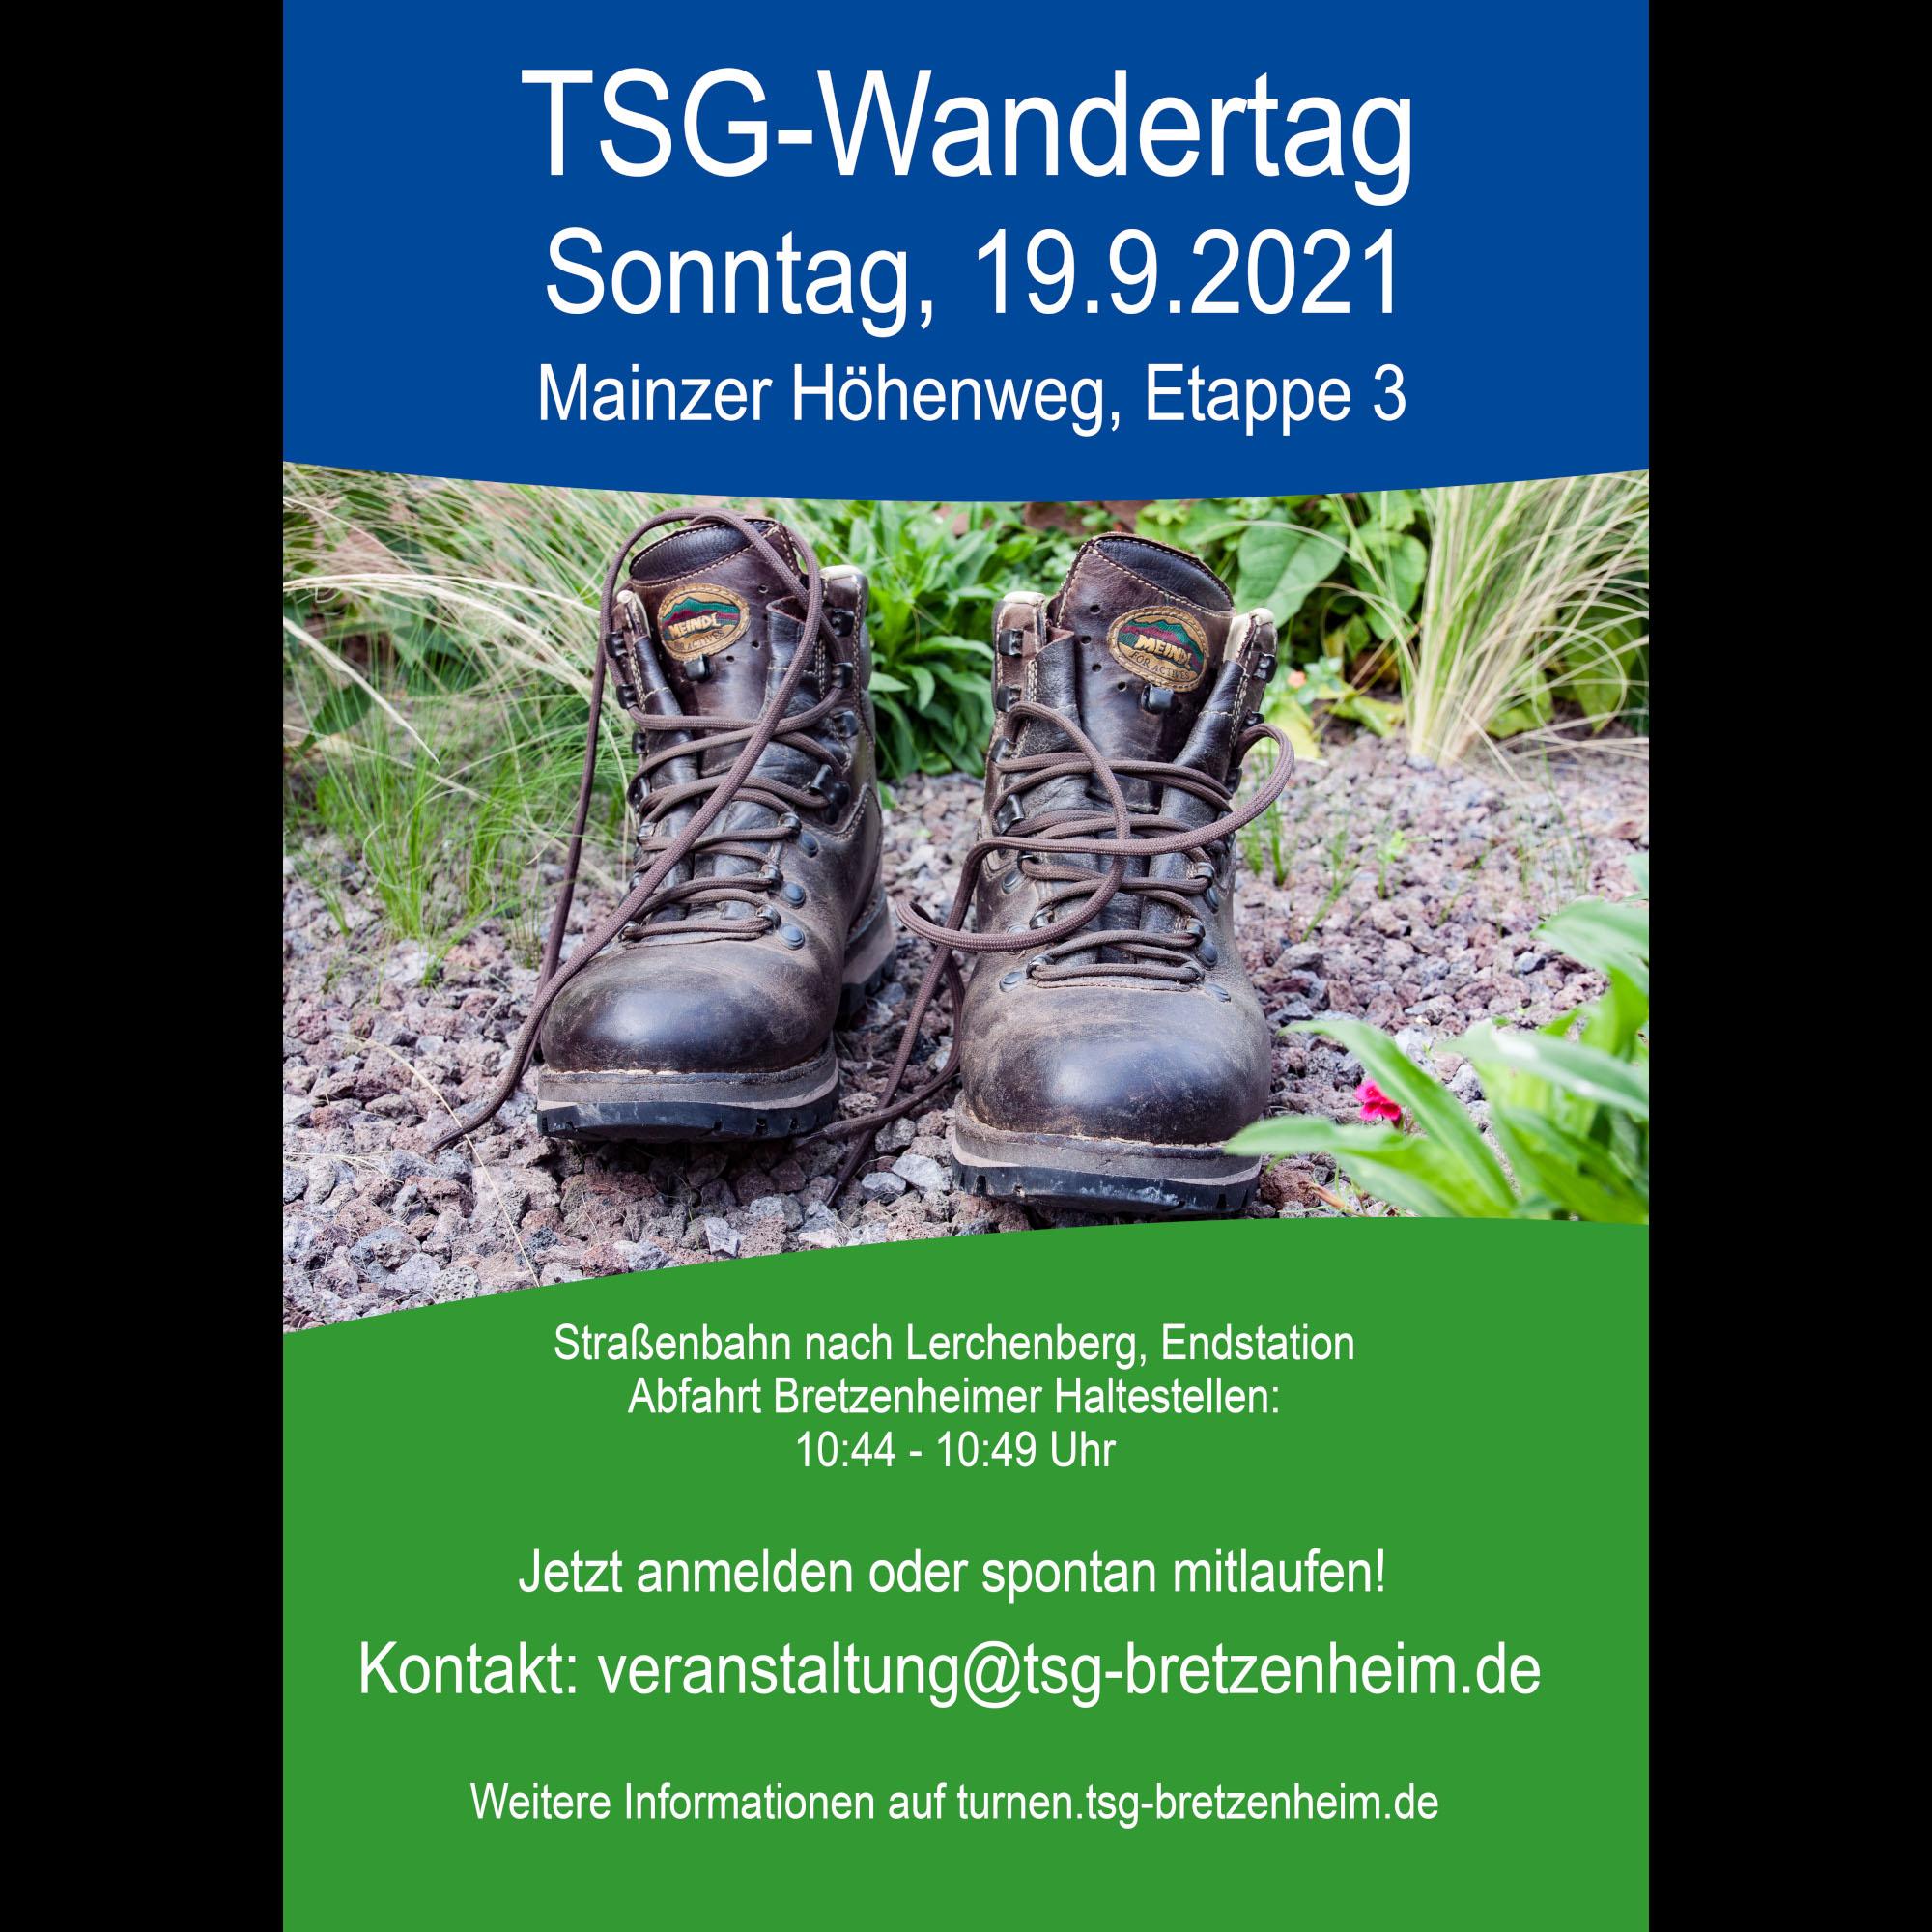 TSG-Wandertag Sonntag 19.9.21 – Kleiner Mainzer Höhenweg